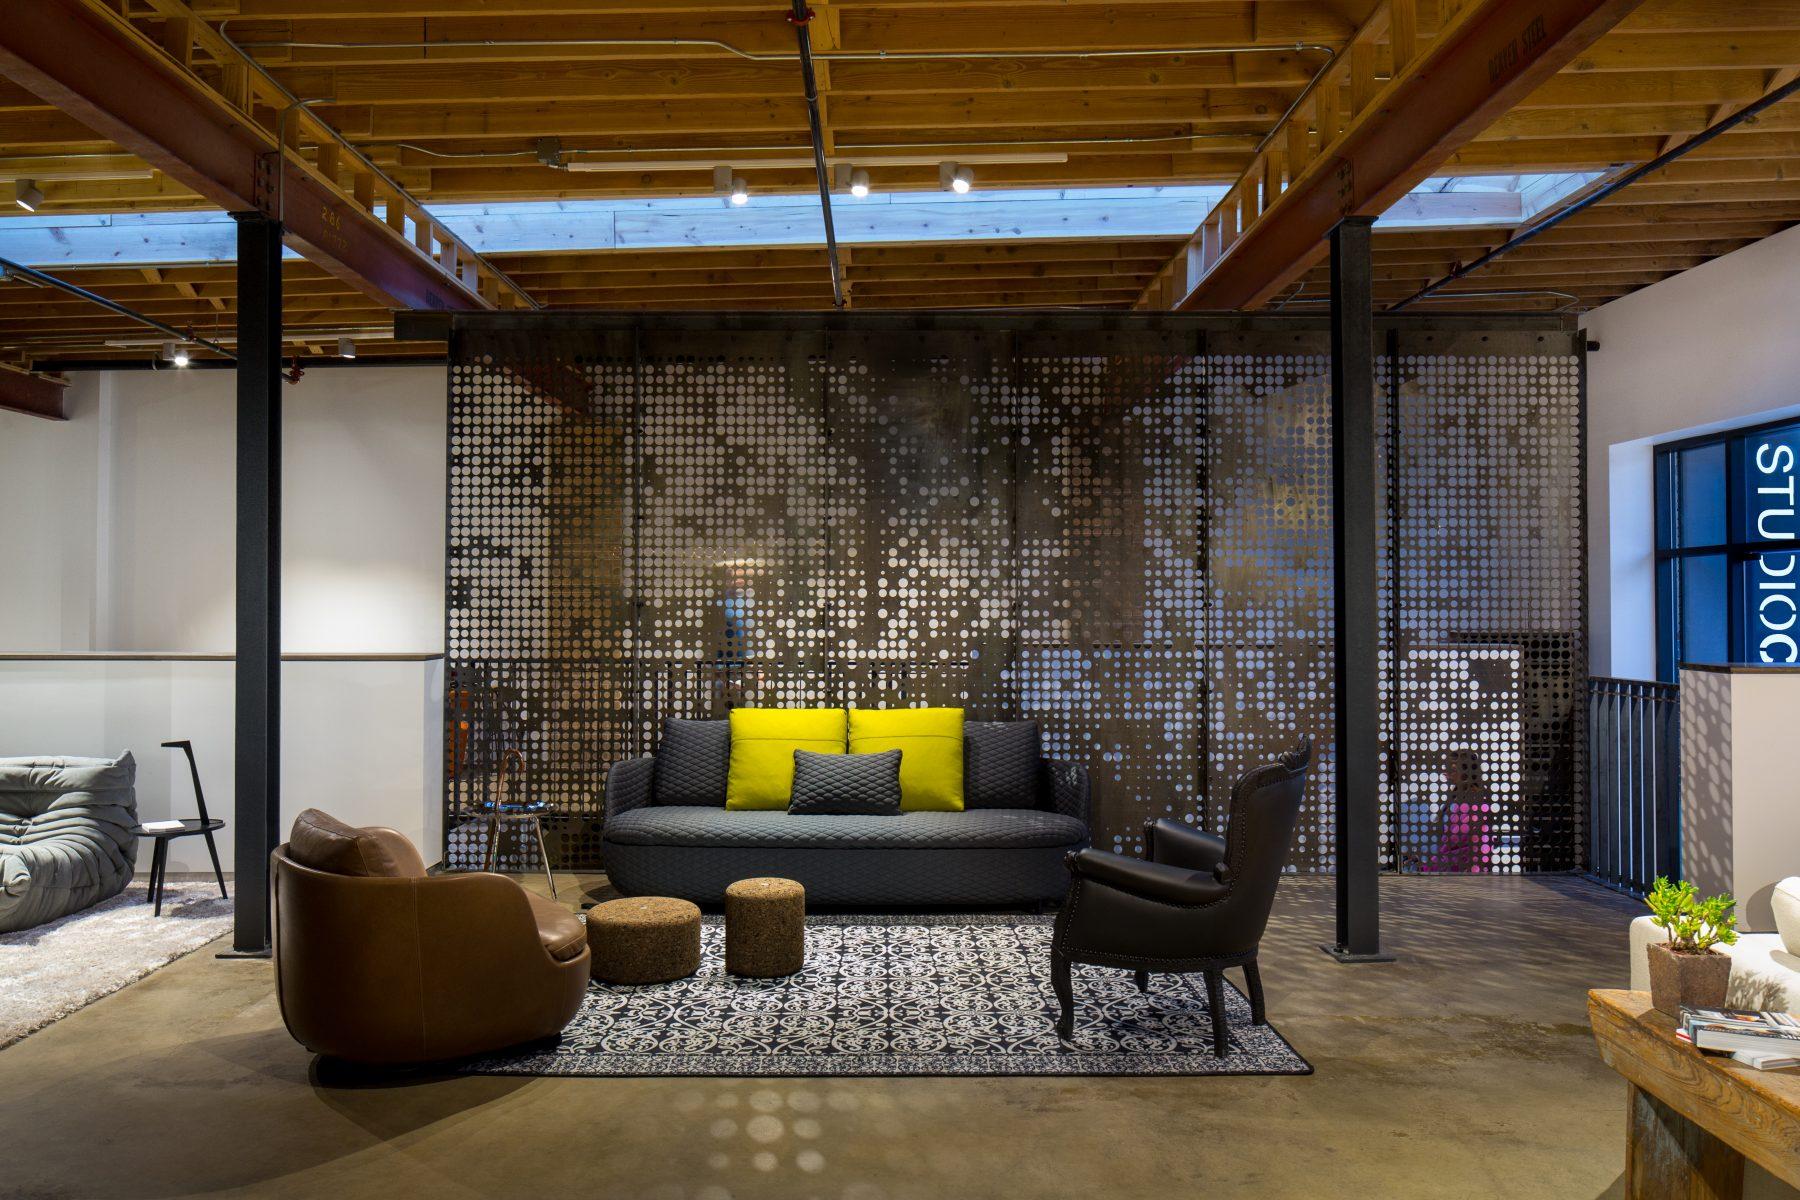 Denver Retail Construction: Jordy Construction